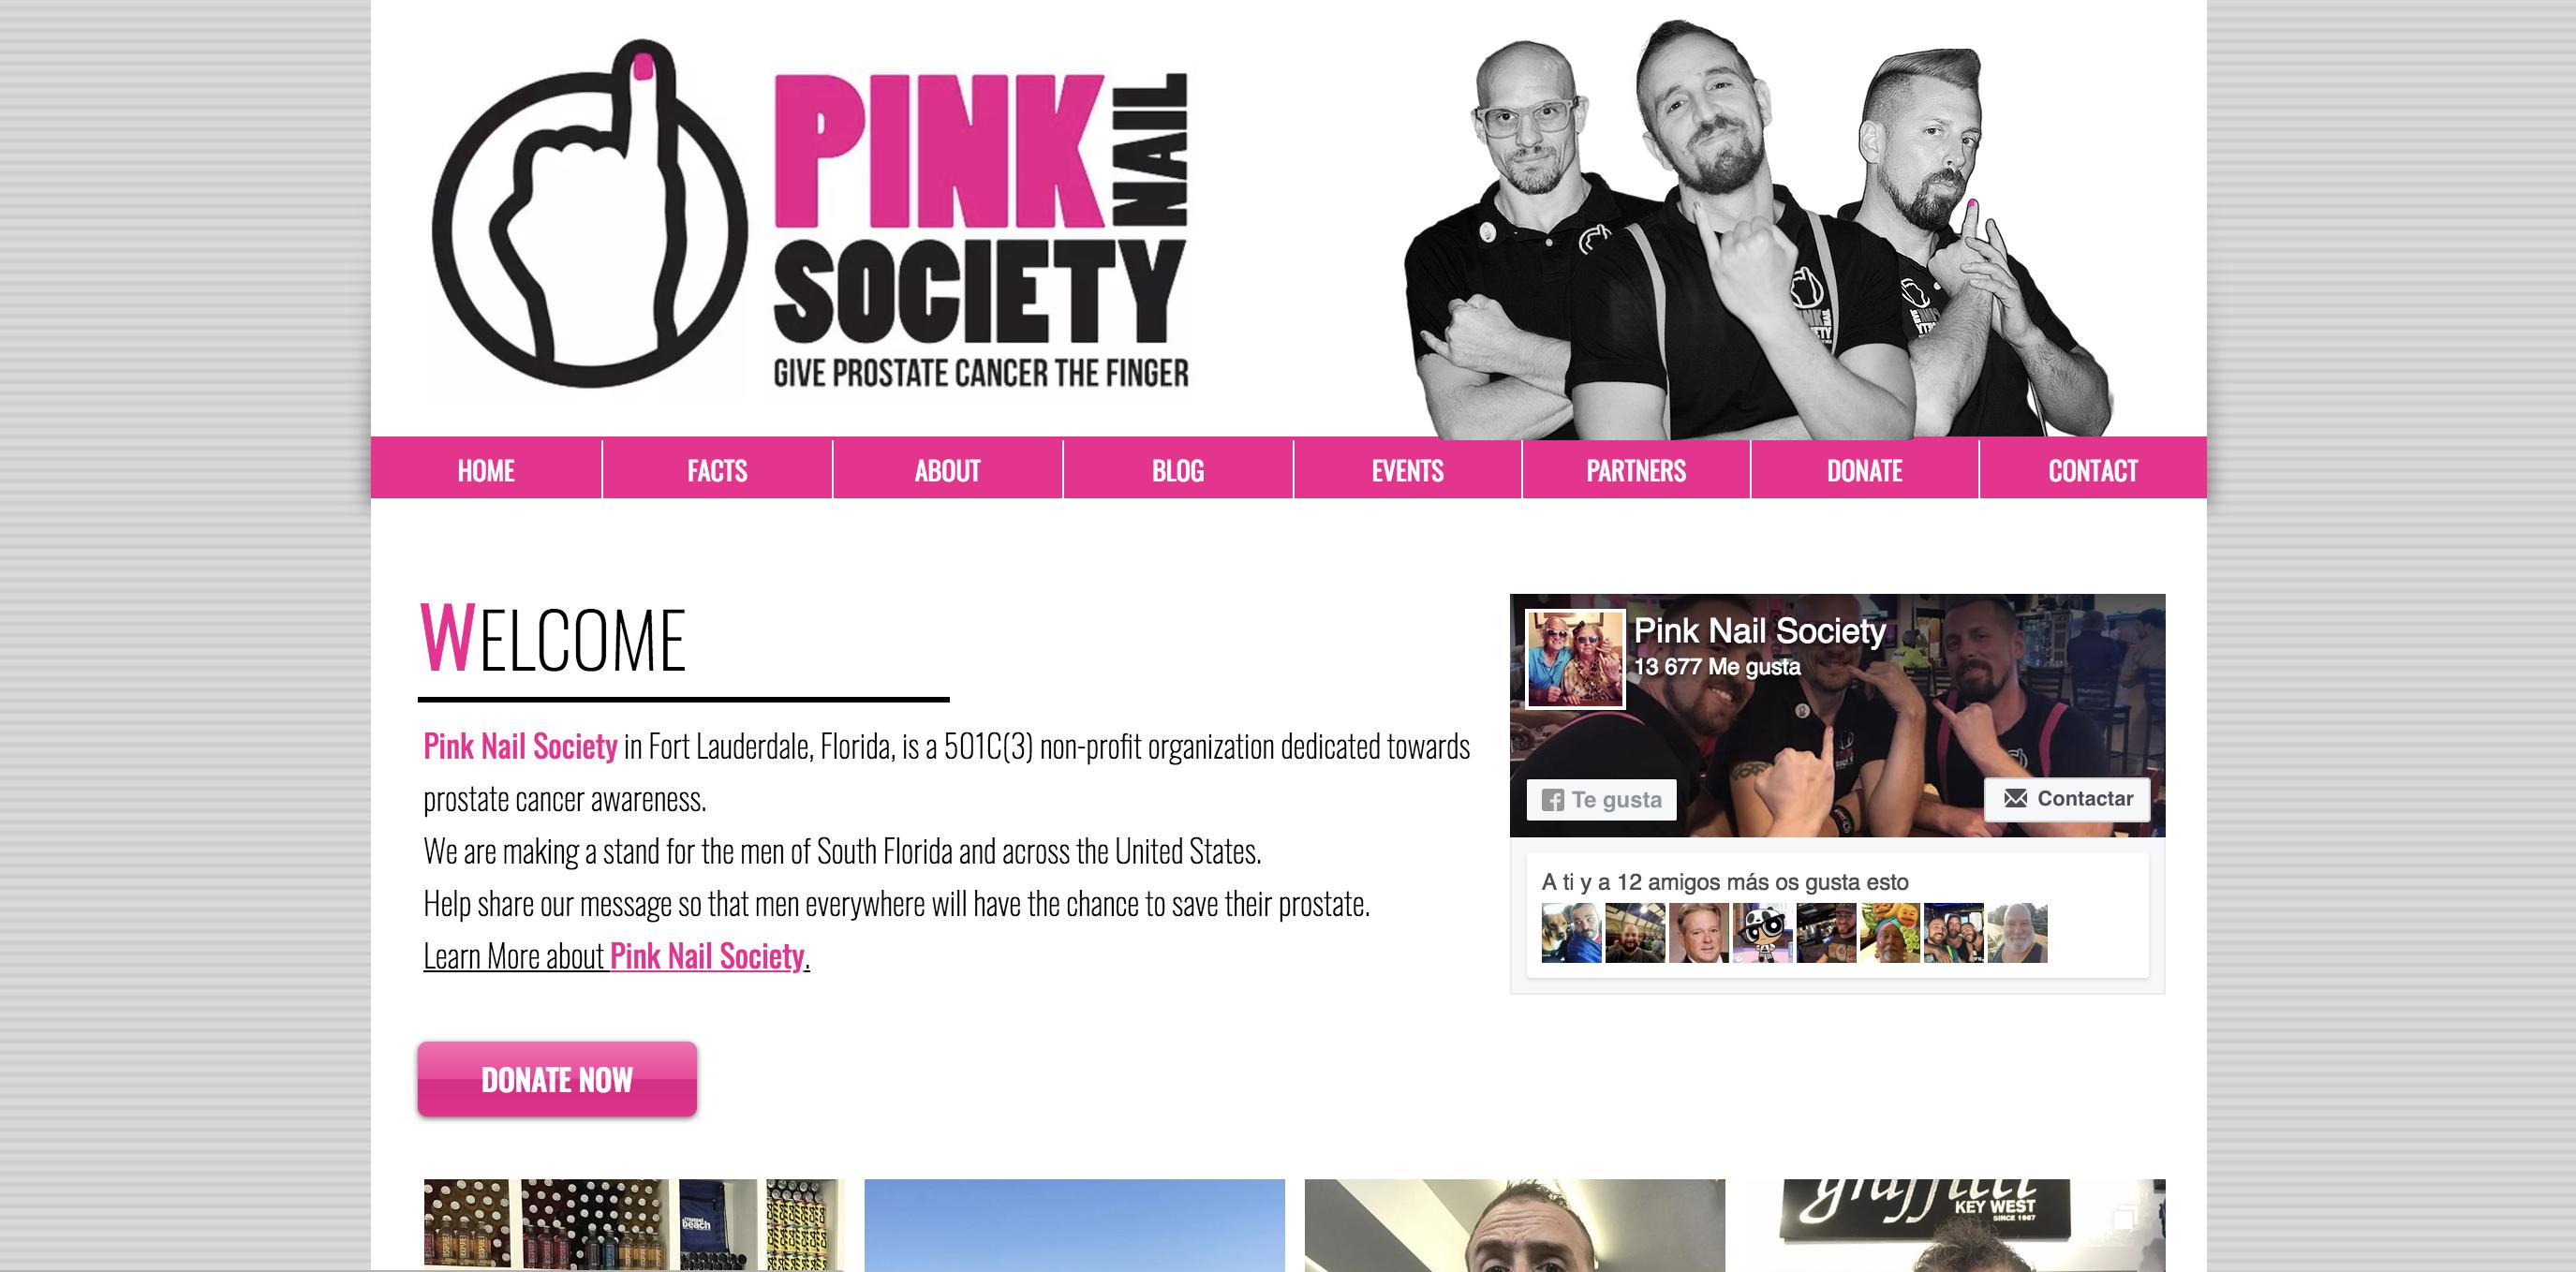 Pink Nail Society